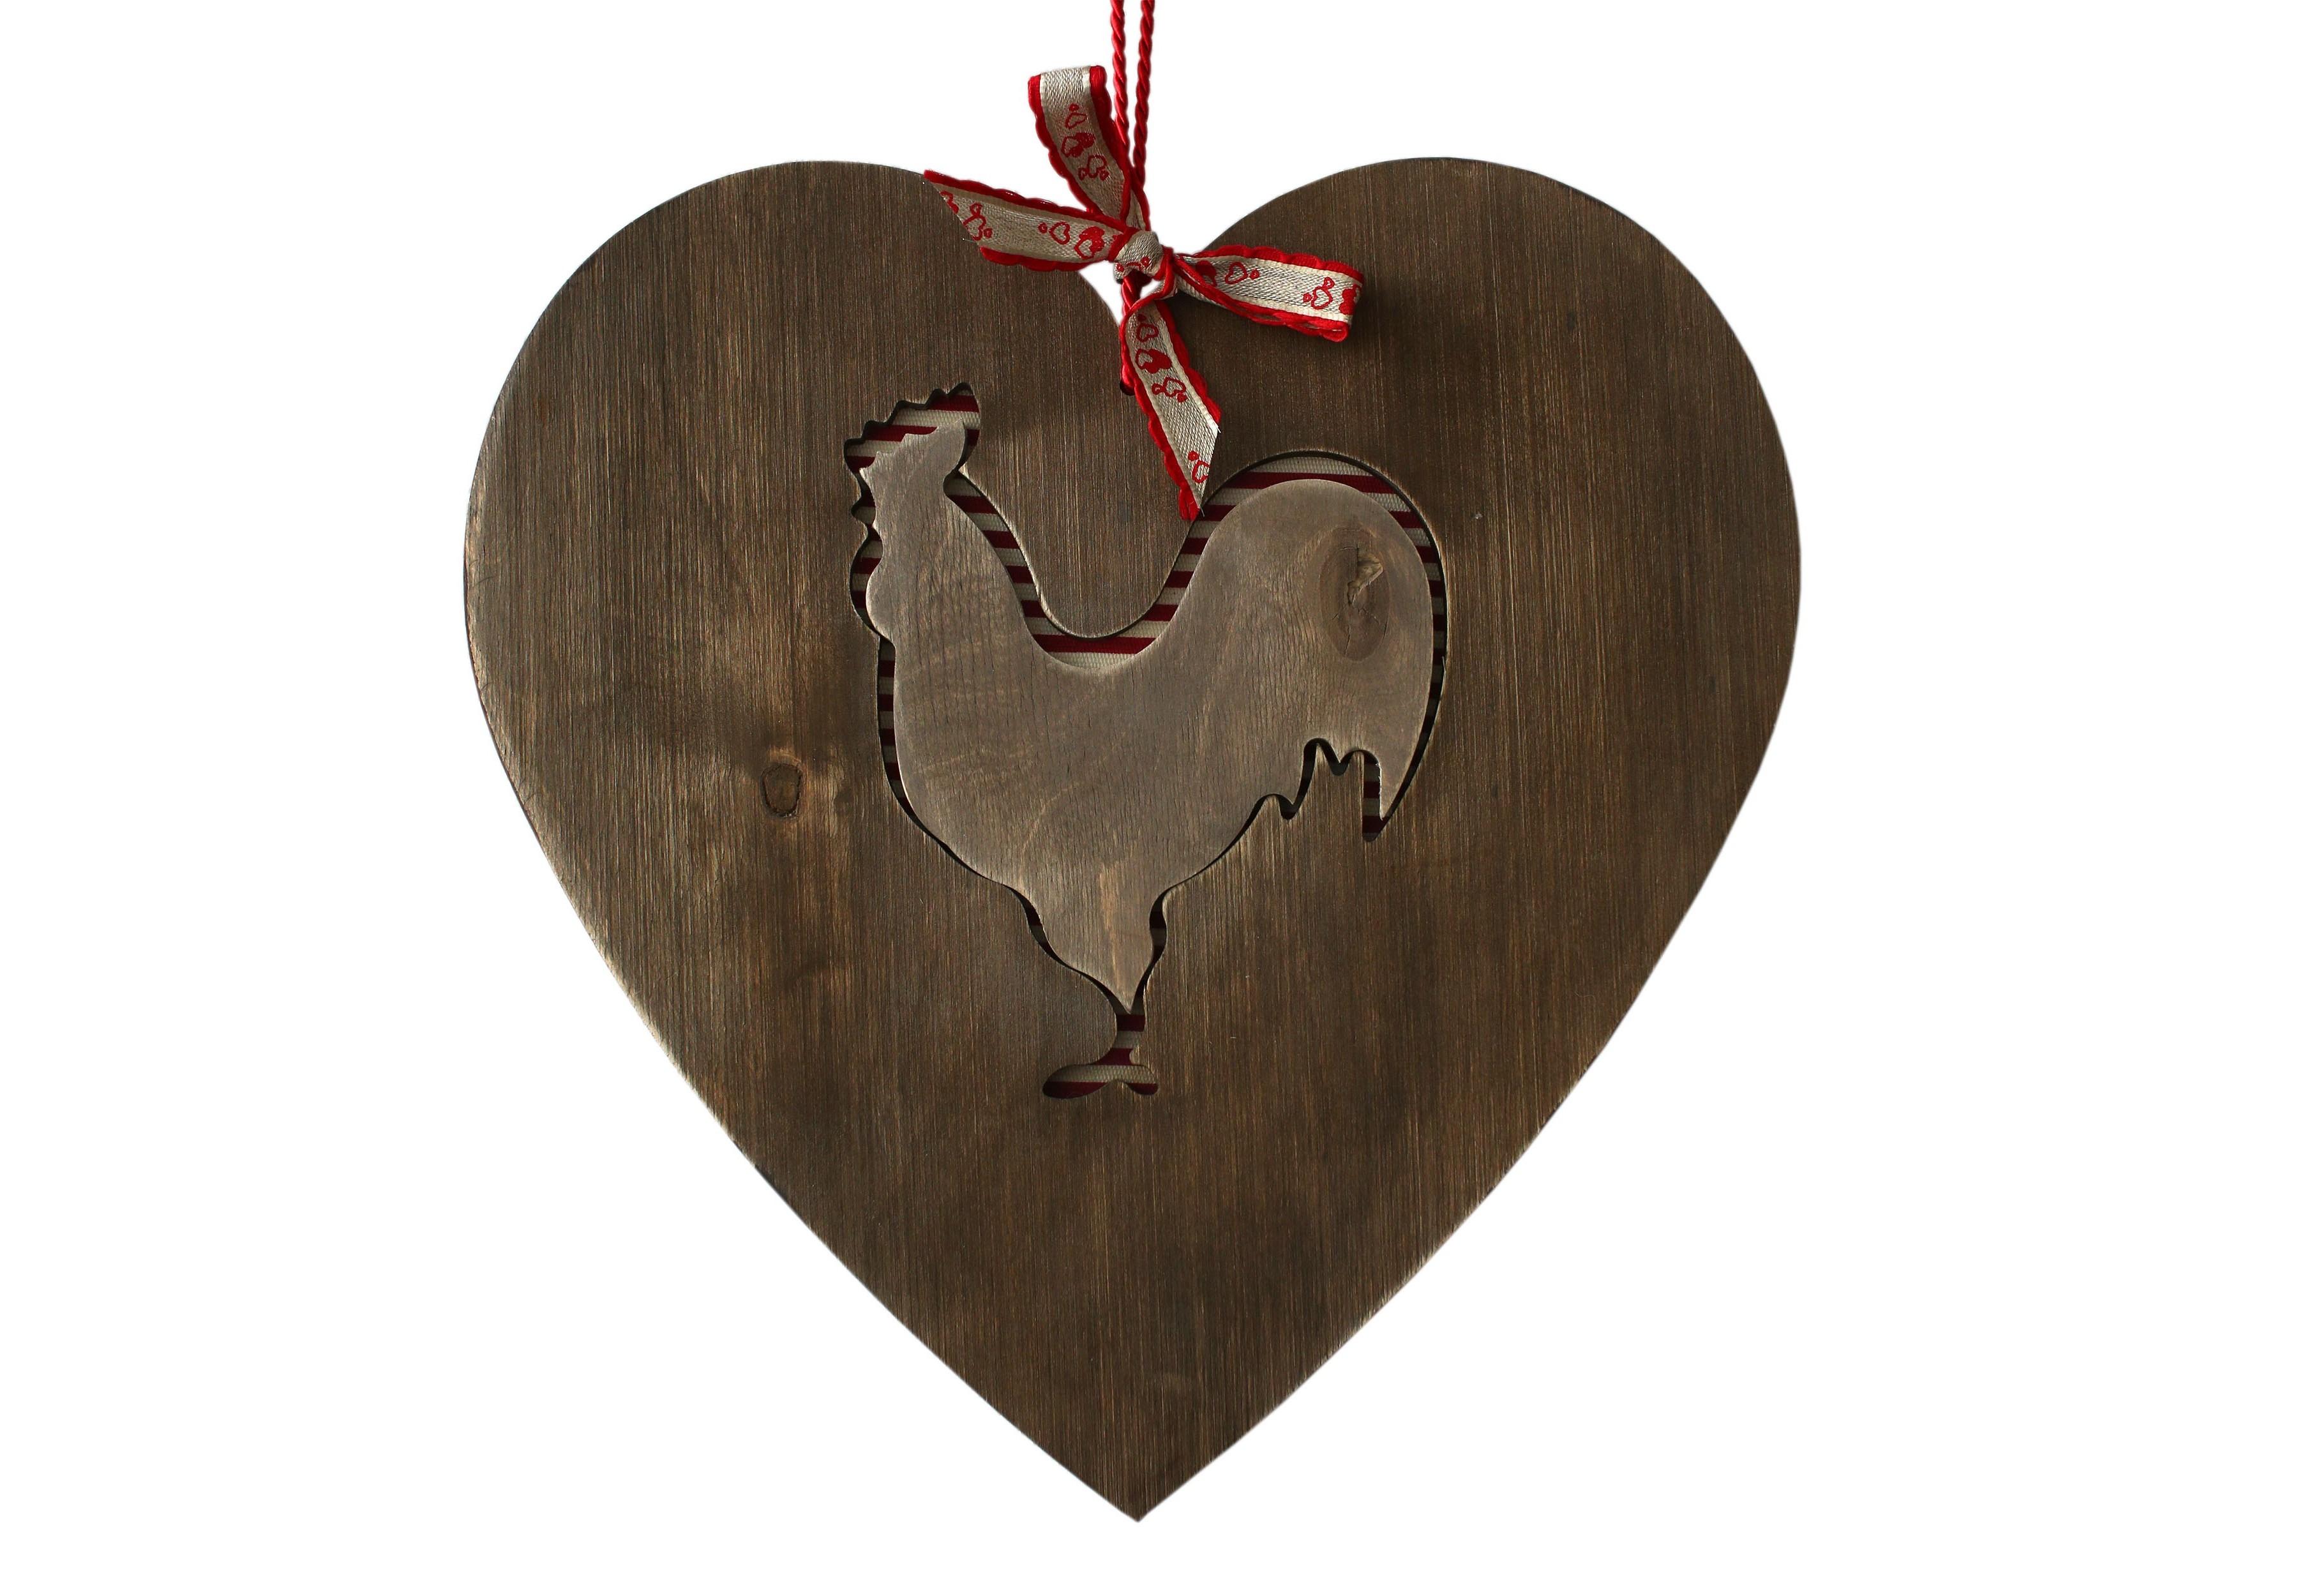 Декоративная разделочная доска Петух - сердце провансаПодставки и доски<br>Декоративная разделочная деревянная доска &amp;quot;Петух  -сердце Прованса&amp;quot;, оригинальный подарок на кухню, на Новый Год и Рождество со вставкой -100% хлопок,  клетка или полоска. Внутренний деревянный петушок используется как подставка под горячее.<br><br>Material: Дерево<br>Ширина см: 36.0<br>Высота см: 36.0<br>Глубина см: 1.1